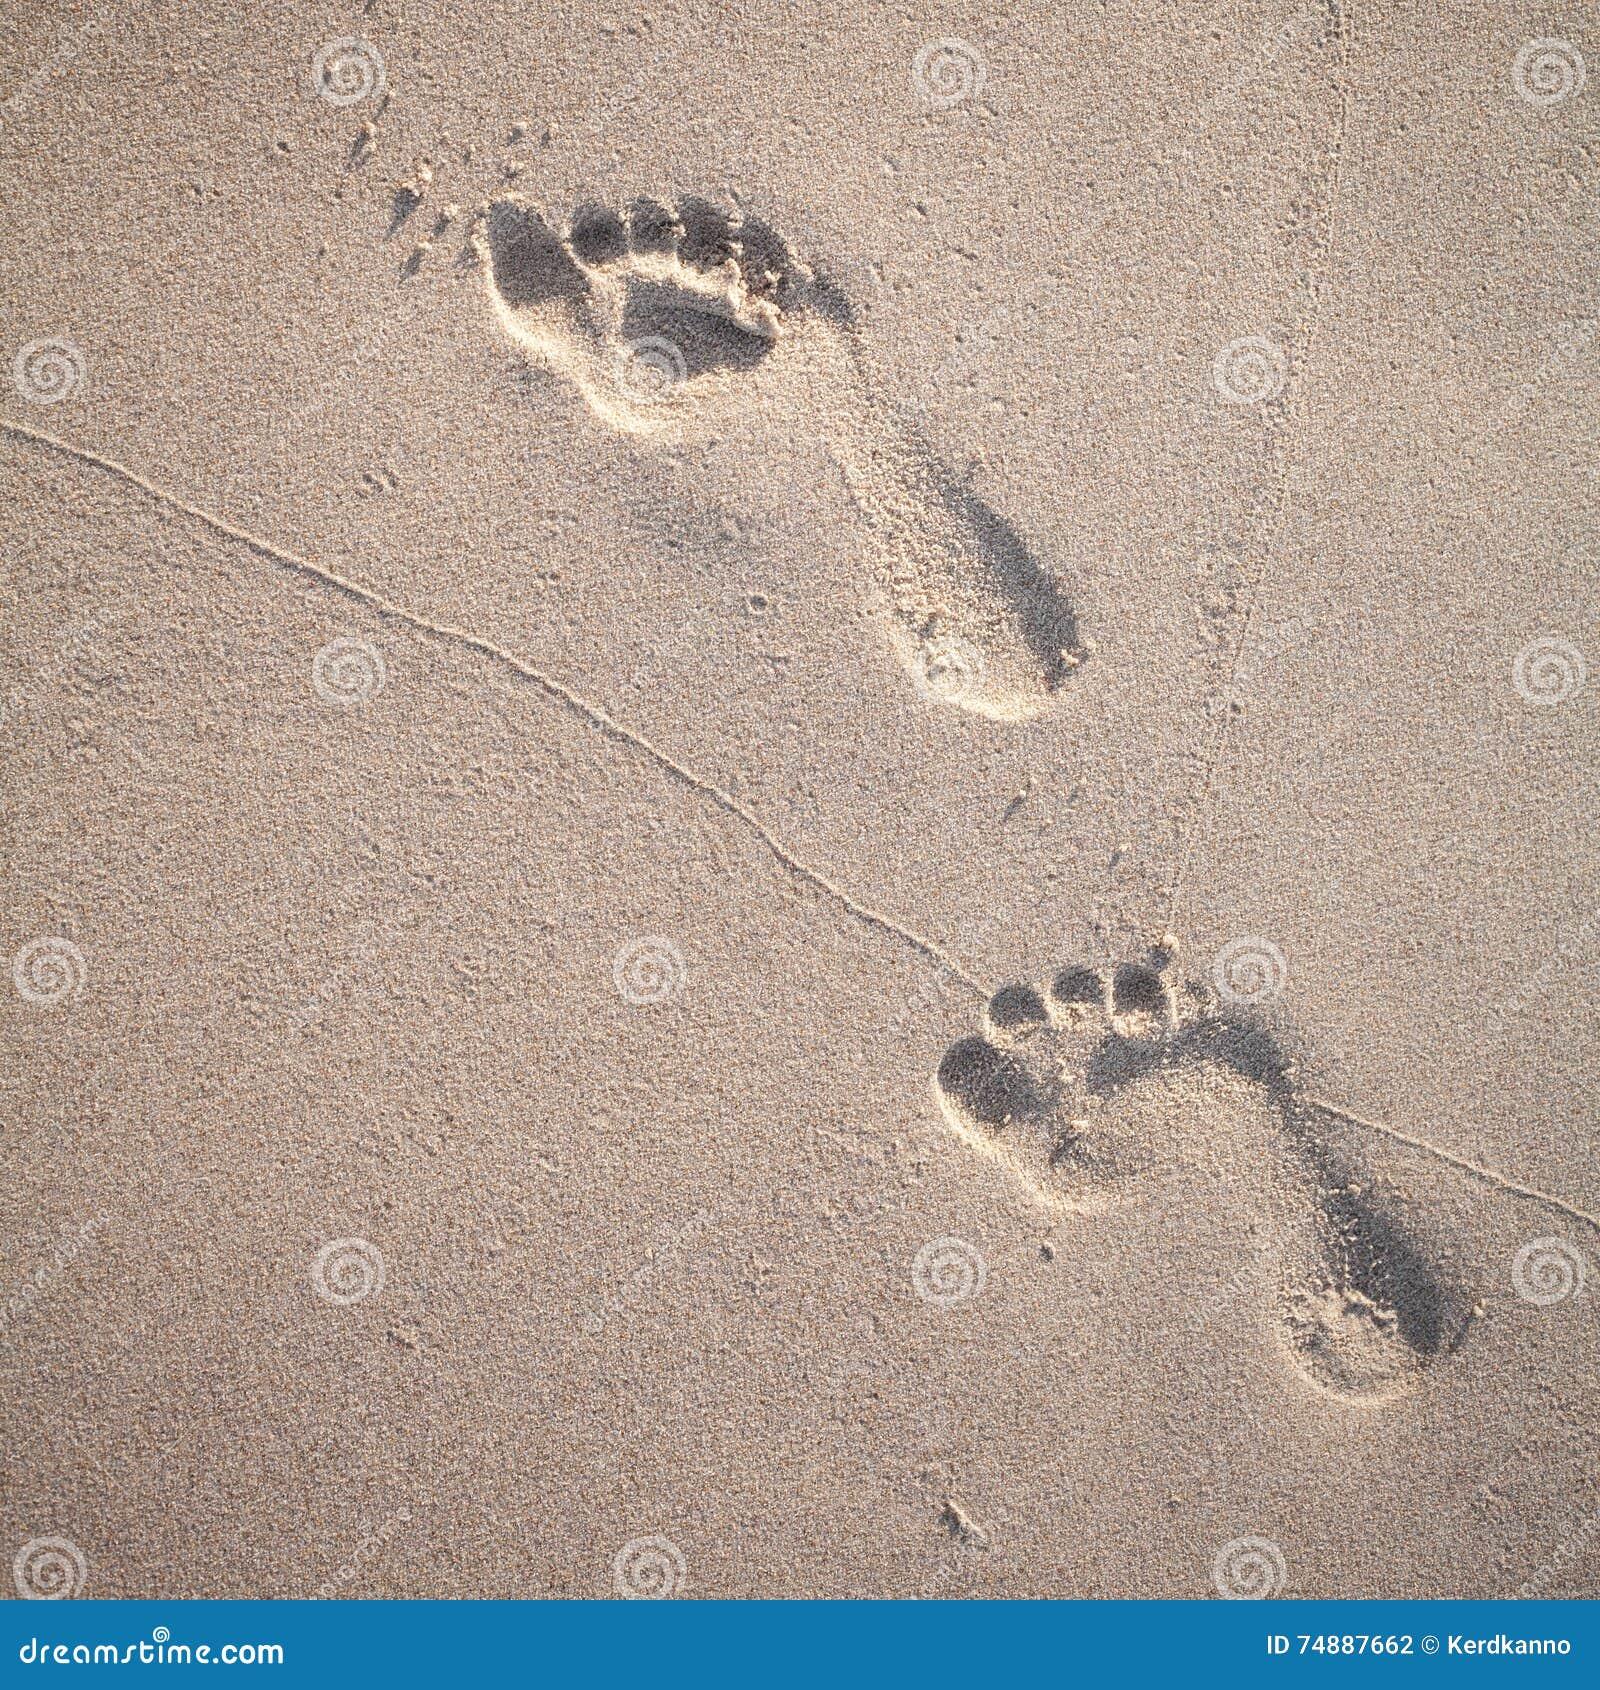 Мягкие фокус и тон следов ноги на тропическом пляже зашкурят острословие